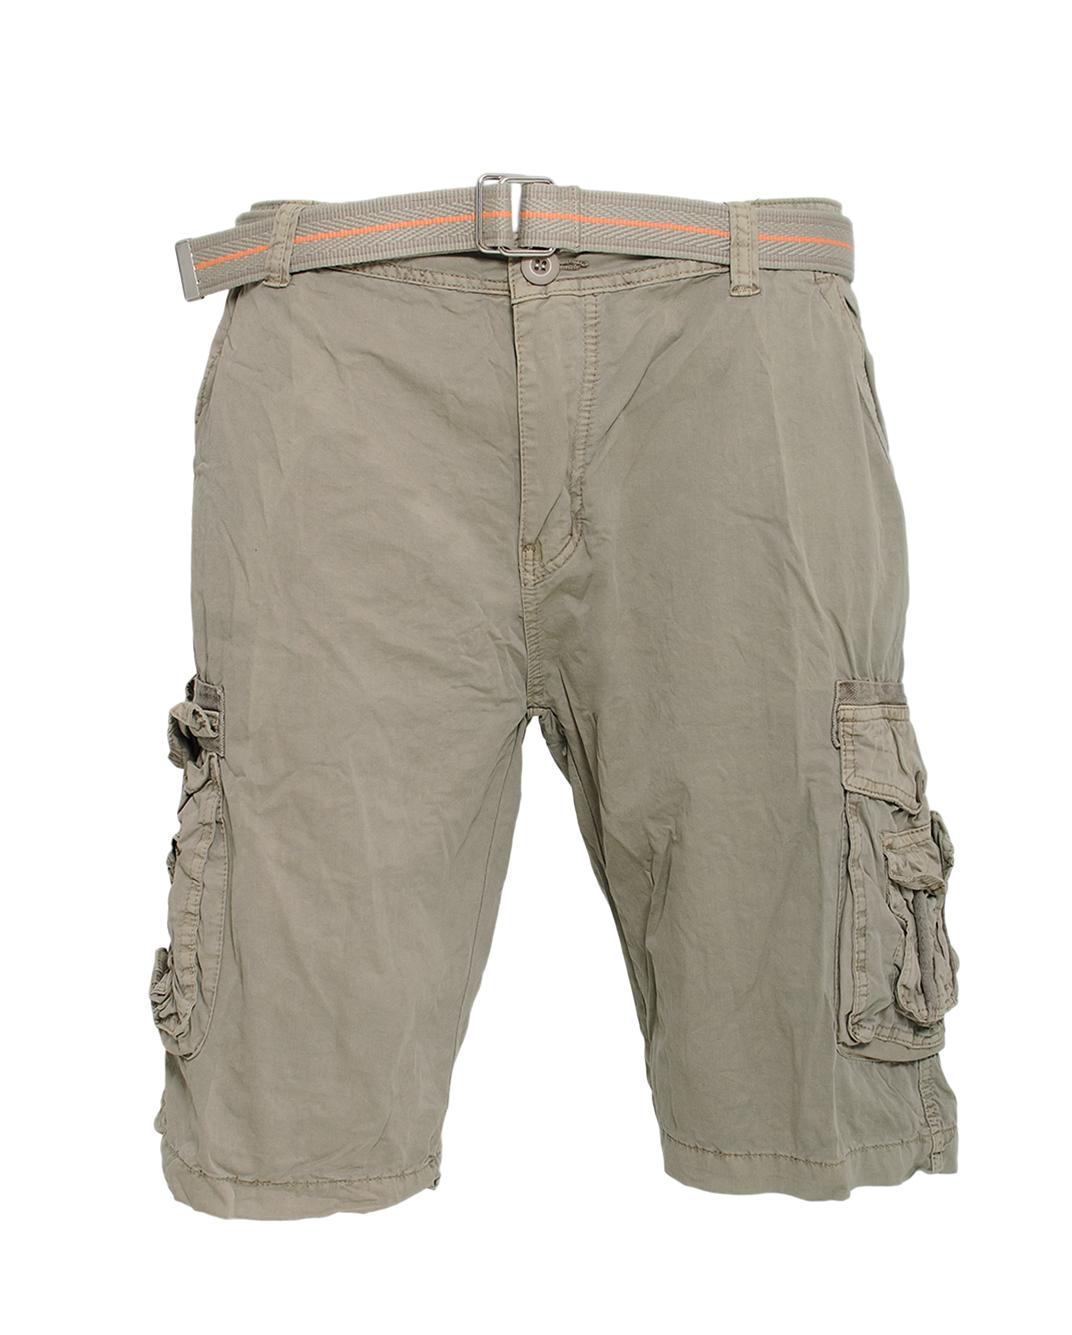 Ανδρική Βερμούδα Cargo Beige-Μπεζ αρχική ανδρικά ρούχα βερμούδες